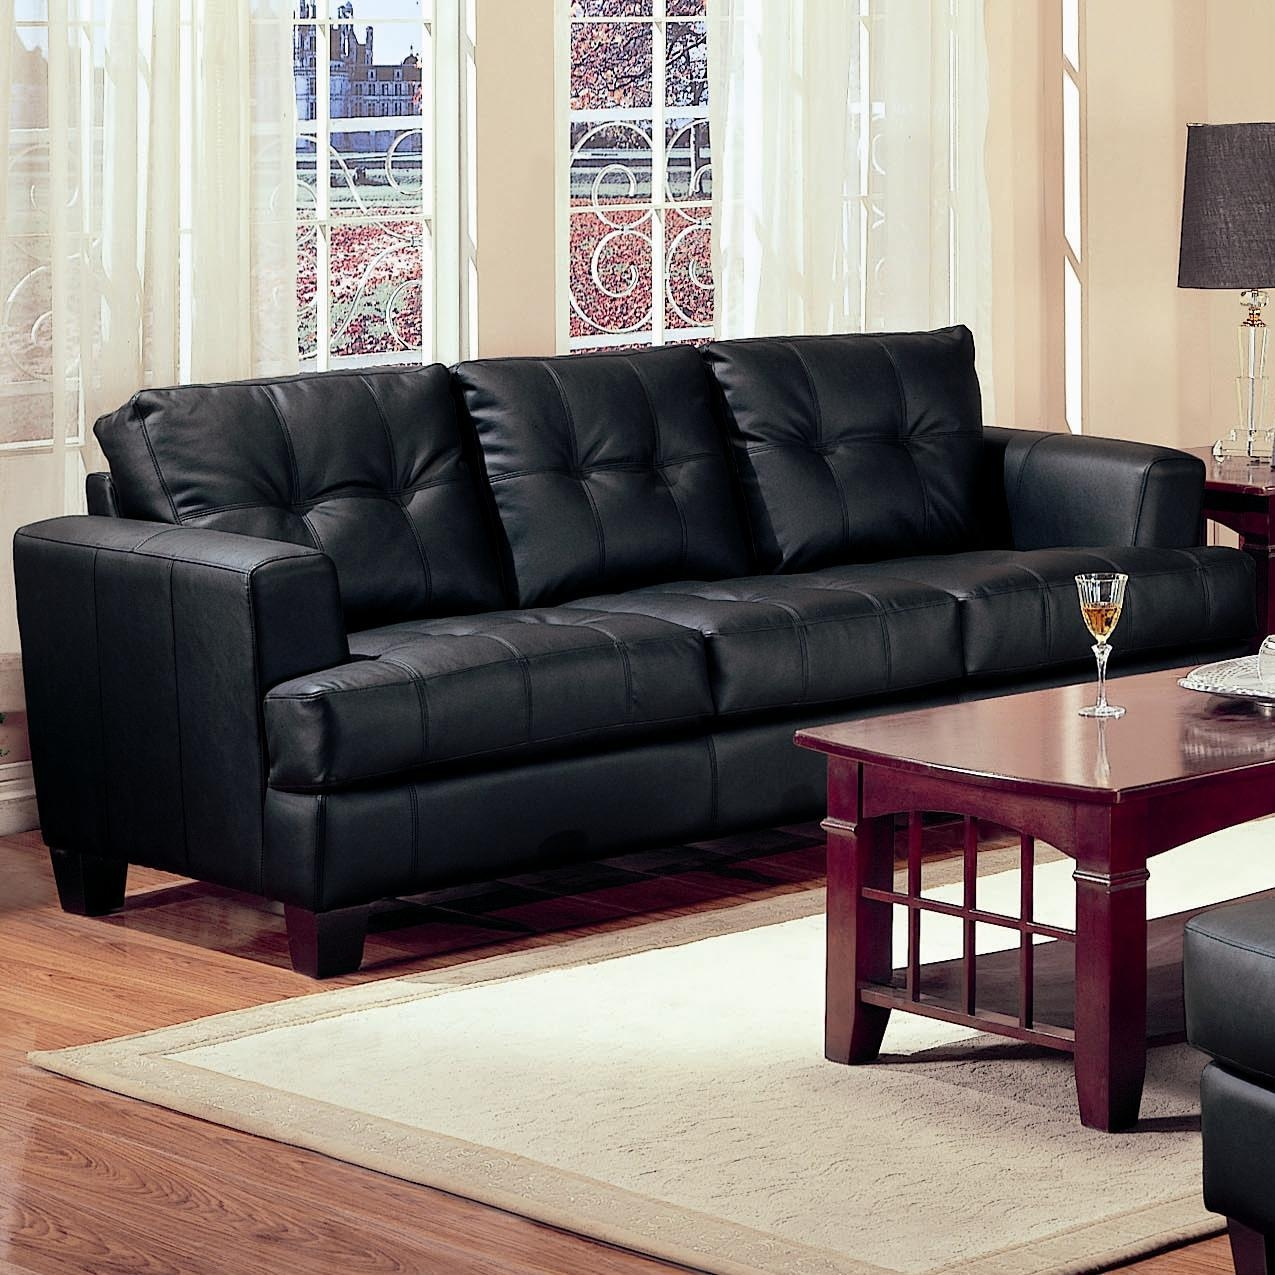 Sofas | Austin's Furniture Depot Within Austin Sleeper Sofas (View 4 of 20)